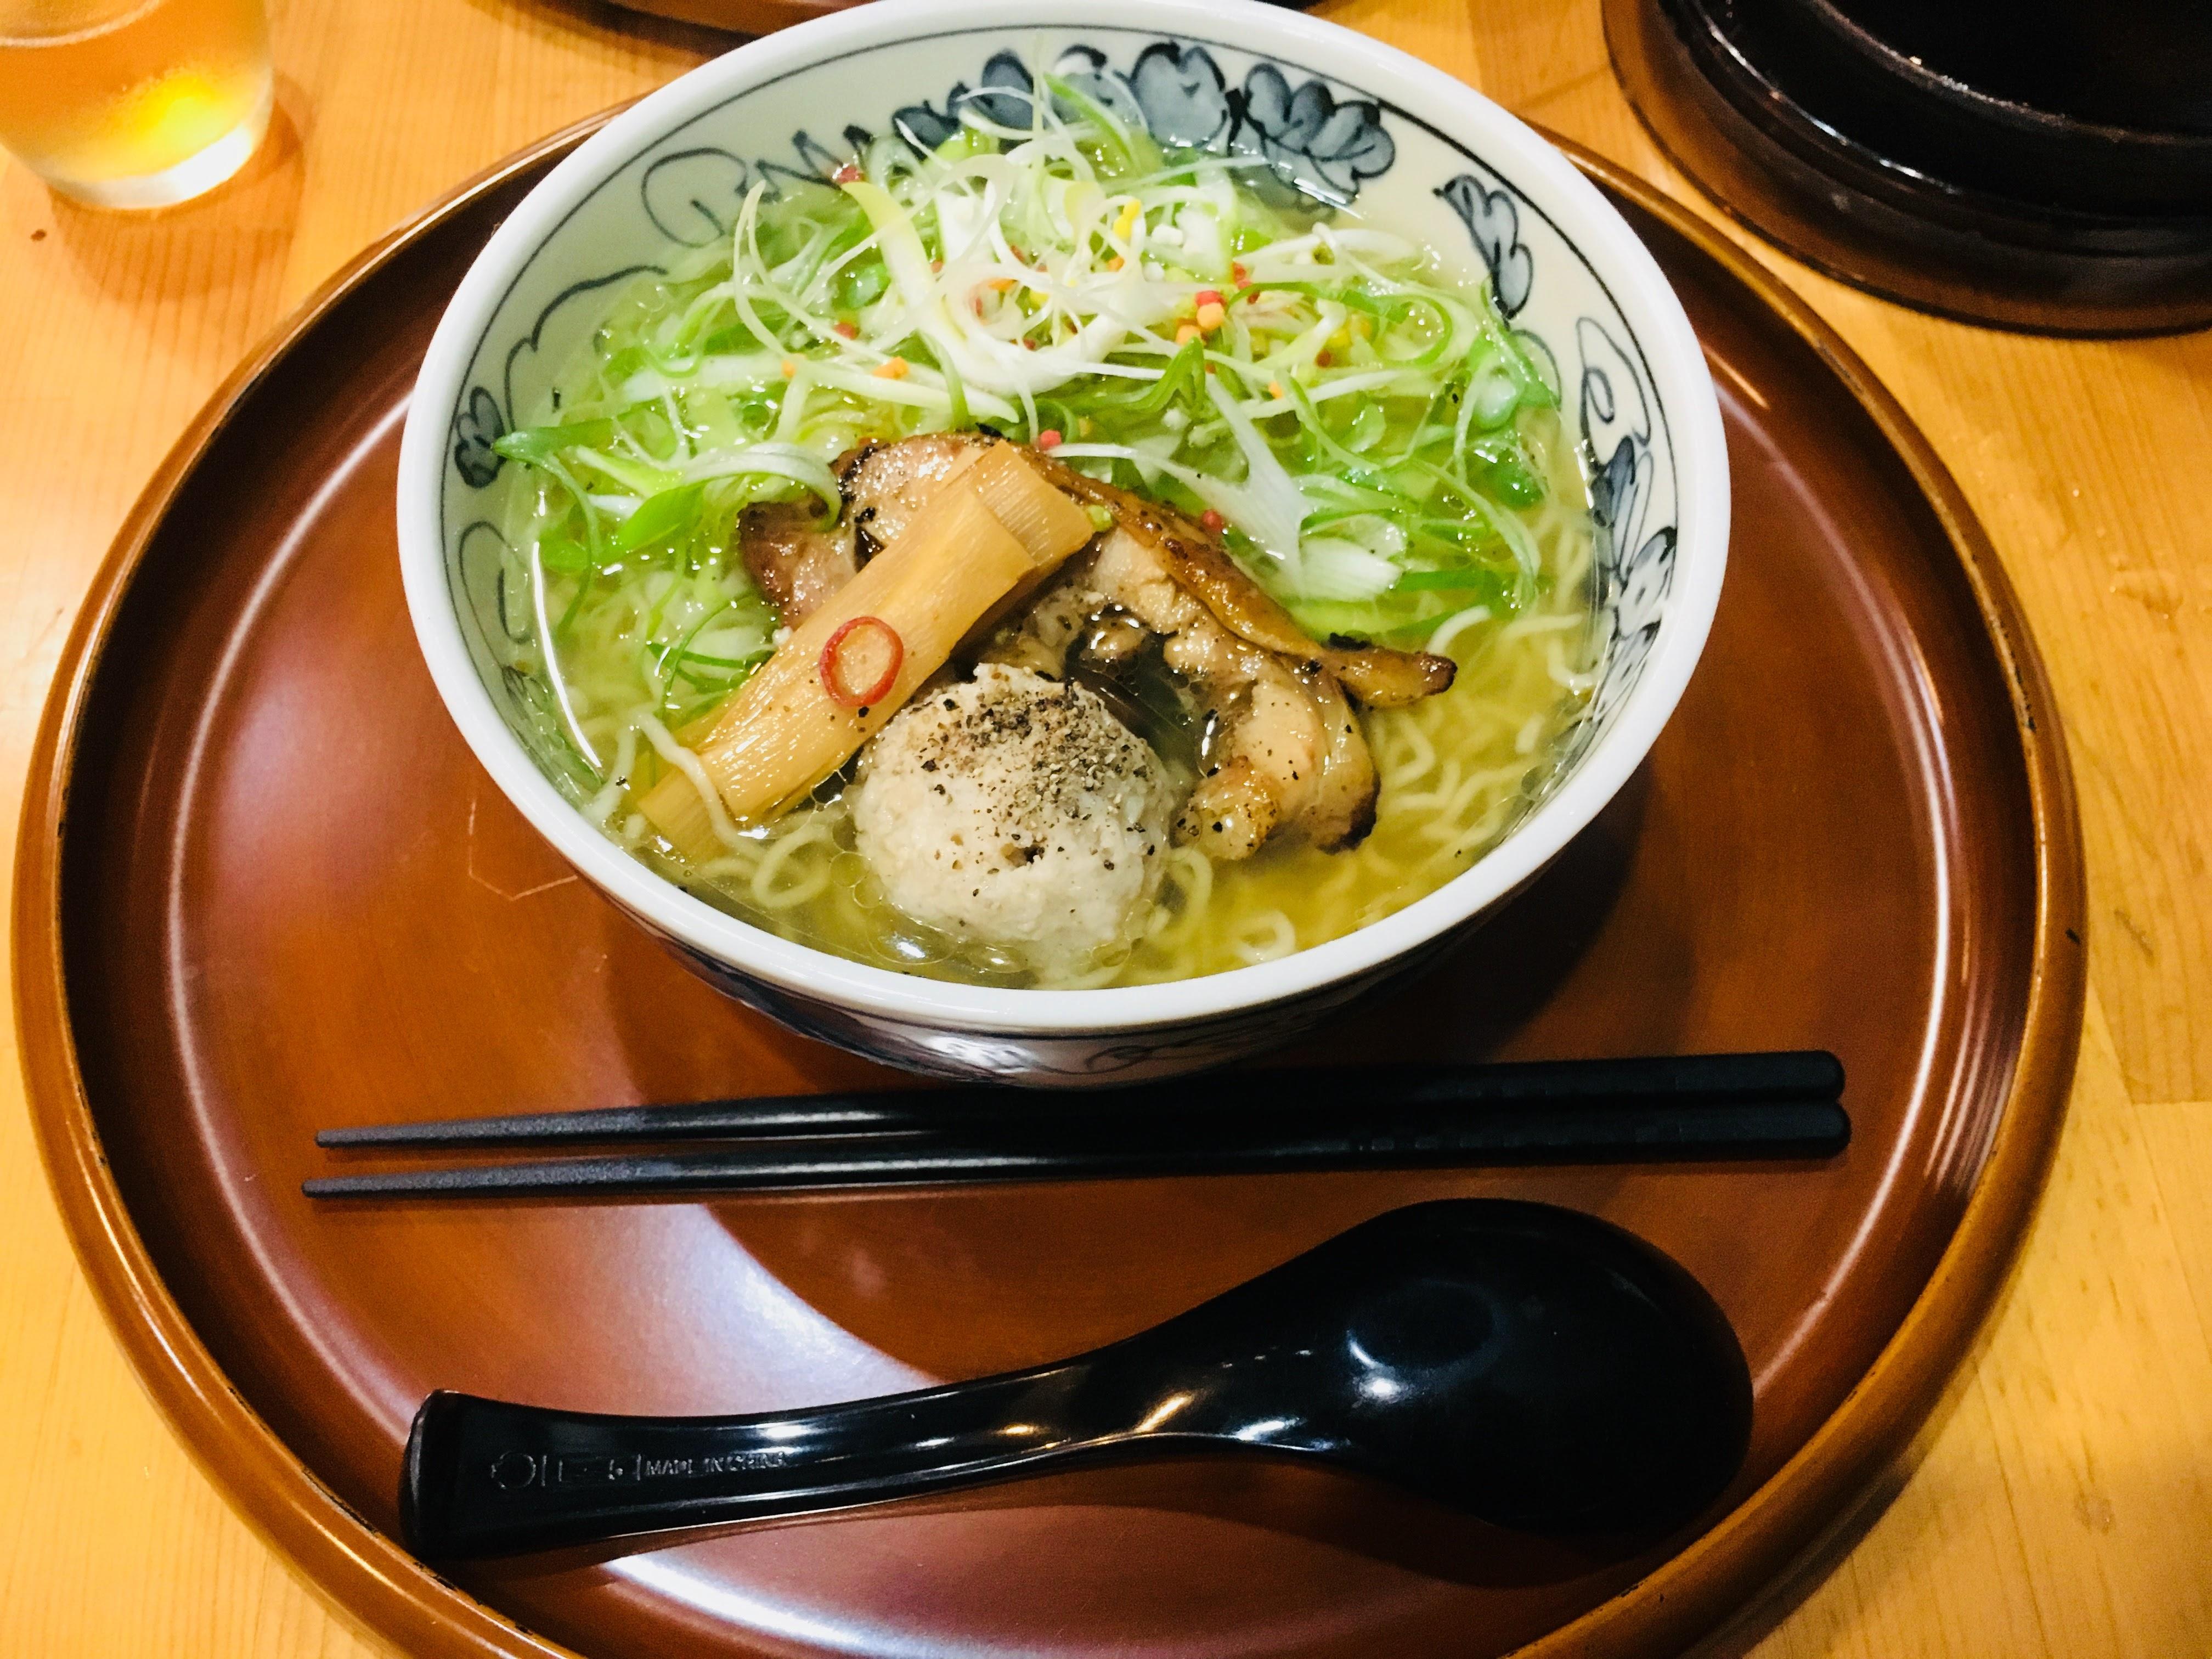 【てしお】九品寺で味わう鶏の旨味たっぷり塩ラーメン専門店